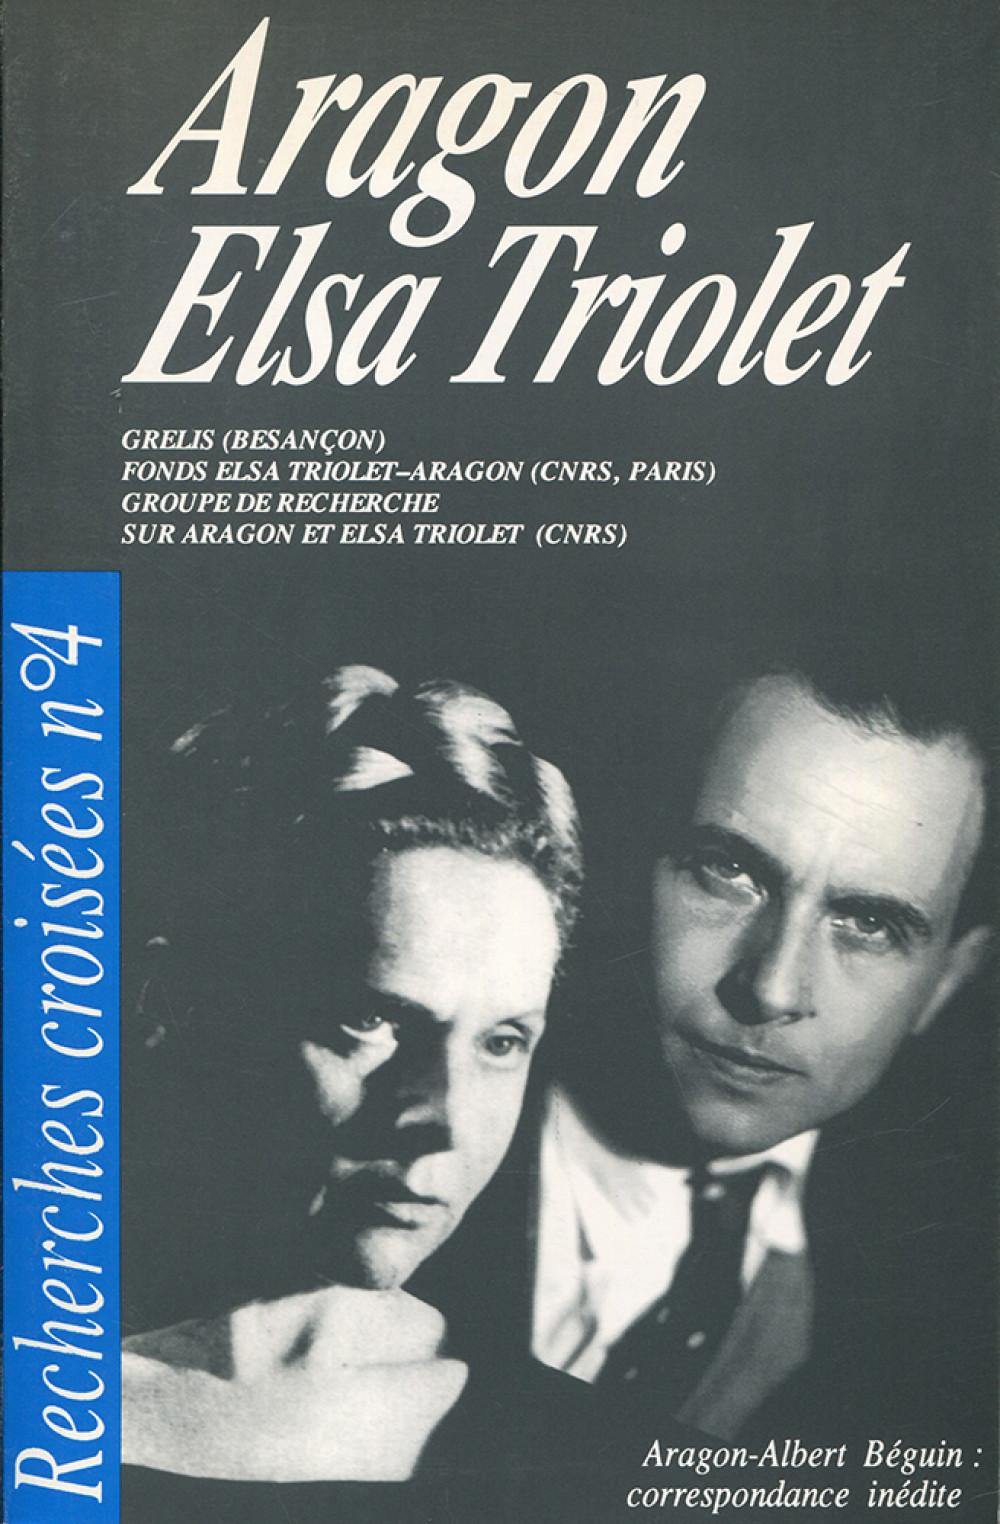 Recherches croisées n°4 : Aragon / Elsa Triolet